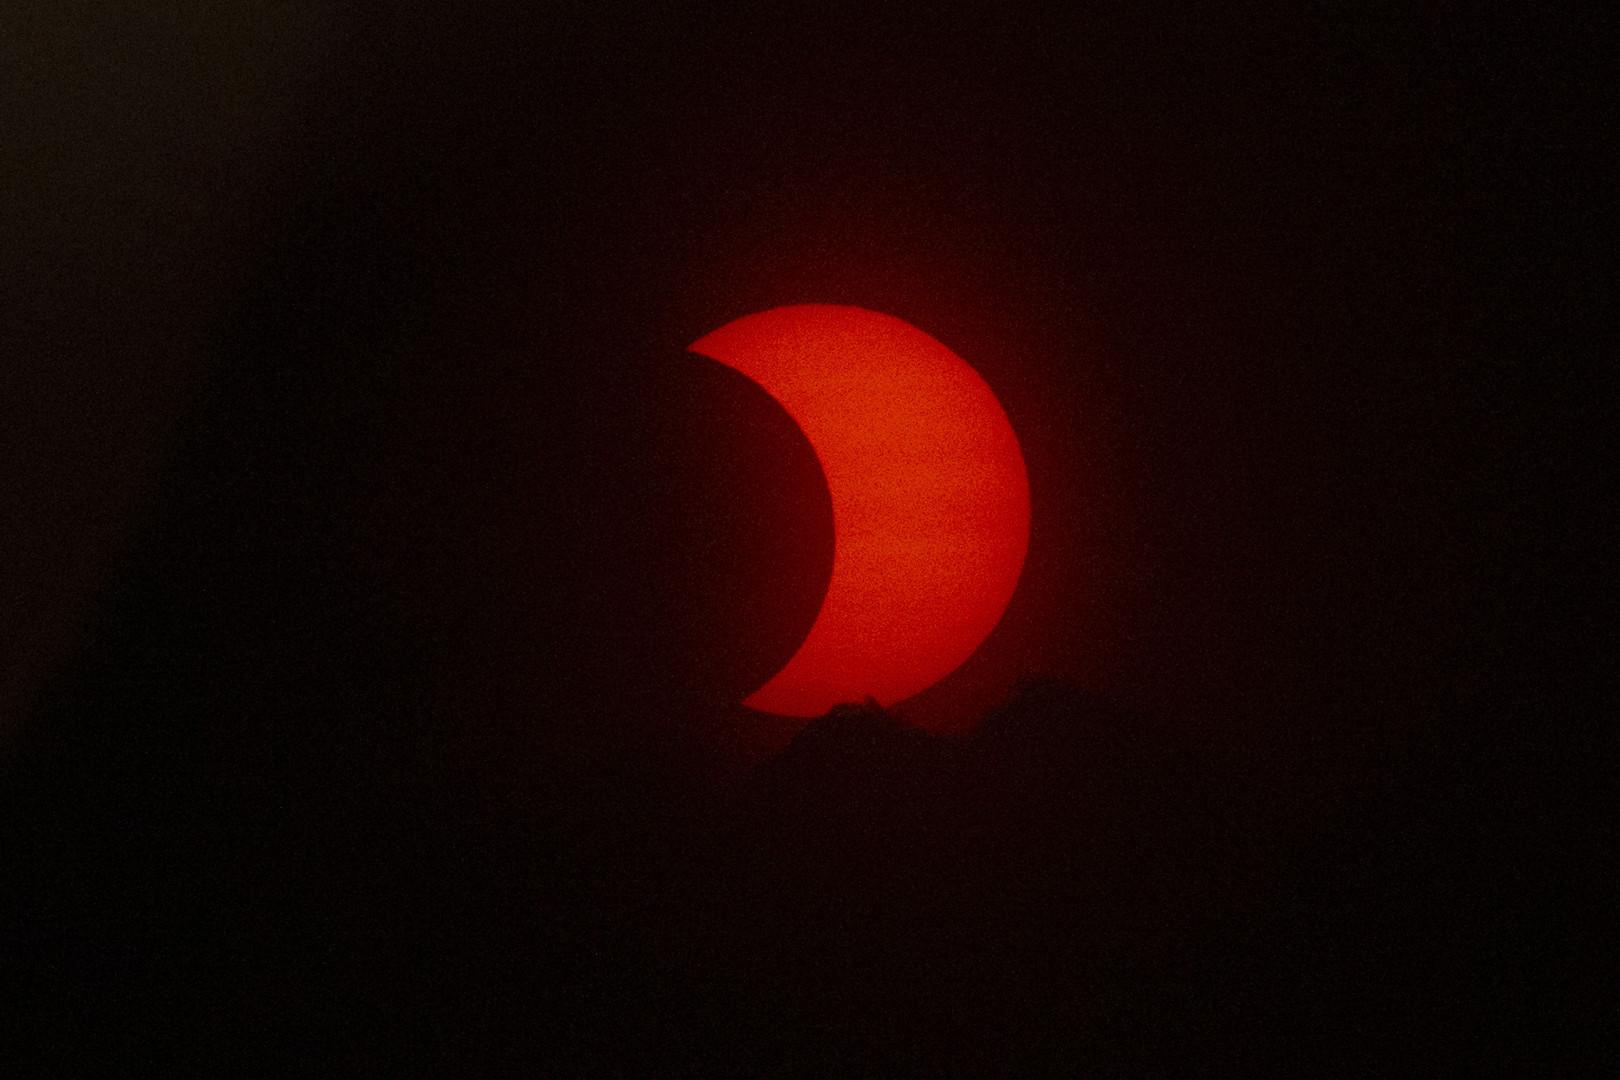 Un soleil éclipsé se lève sur New York le 10 juin 2021 vu de Jersey City, New Jersey.